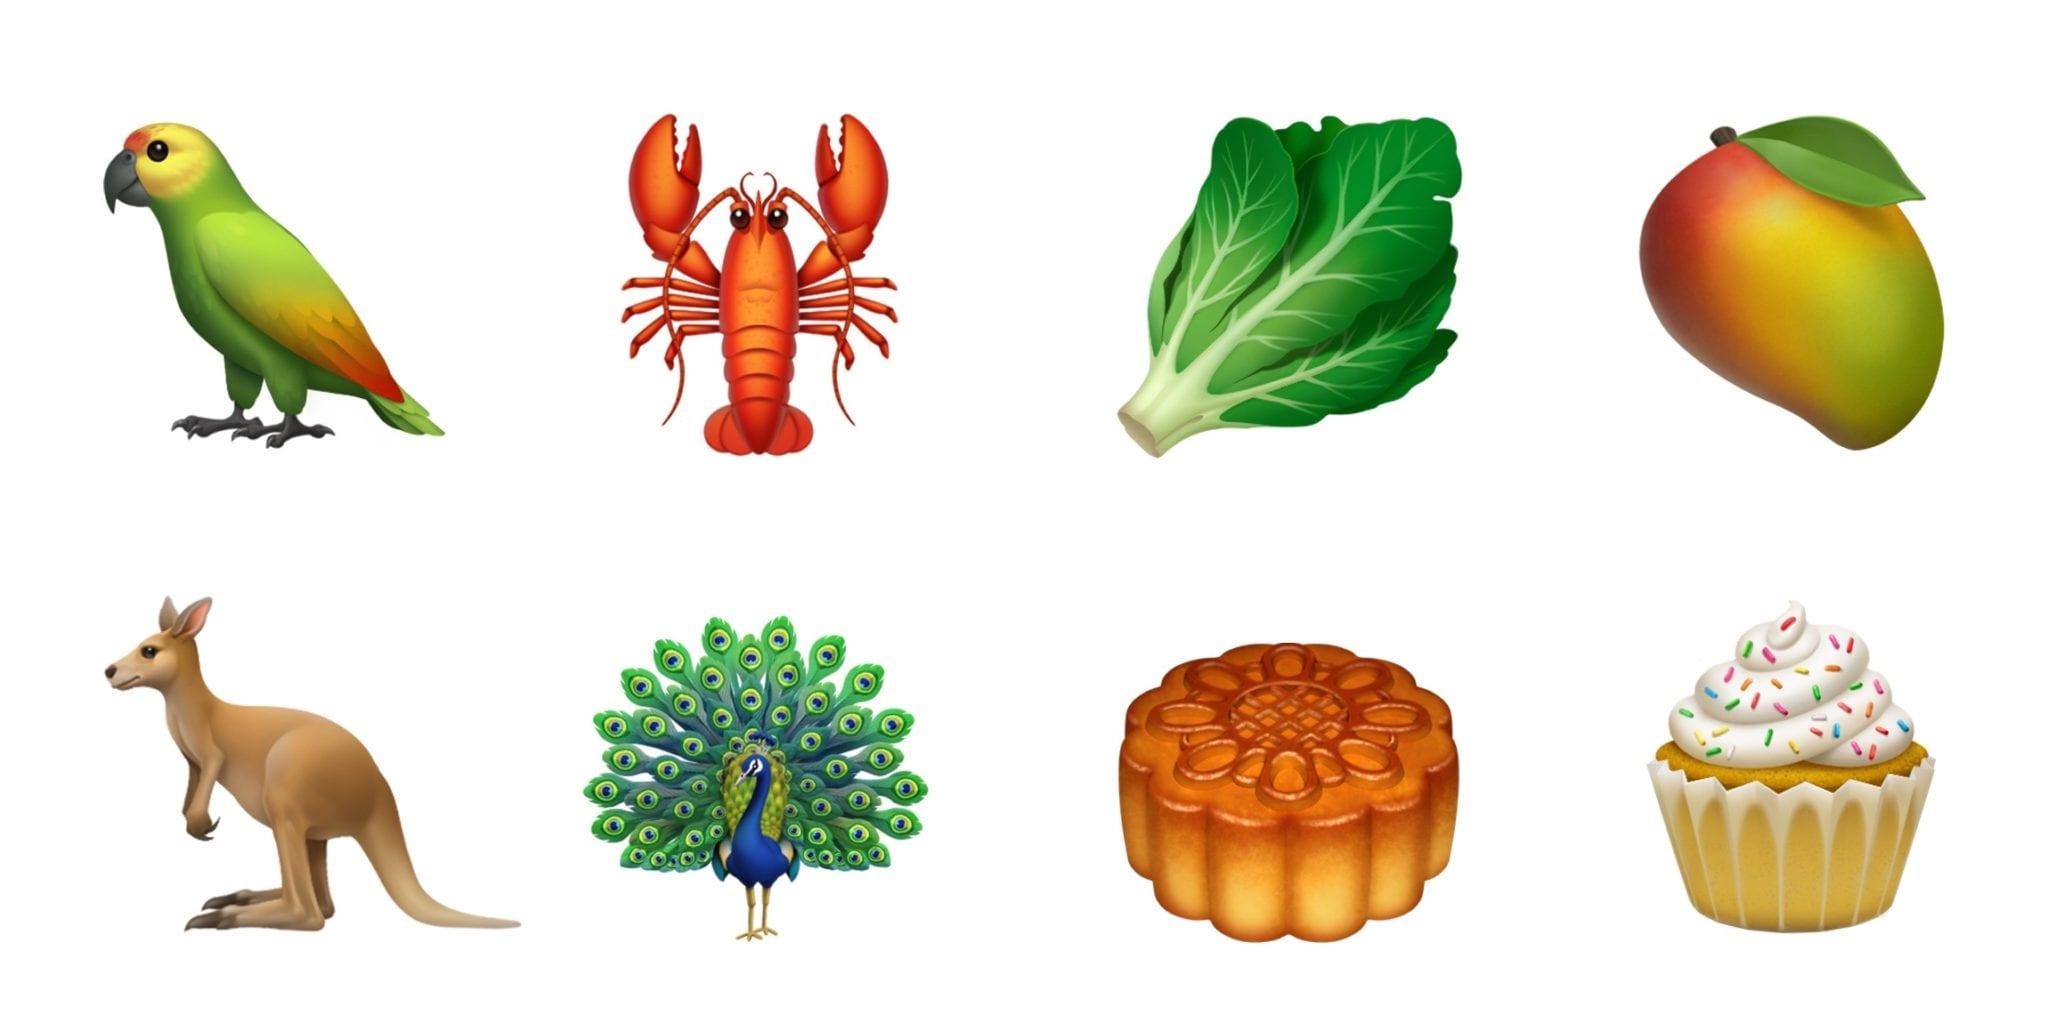 world emoji day ios 12 fruit animals - Dnes je Svetový deň emoji: Apple ukázal 70 nových emotikonov, ktoré prídu s iOS 12